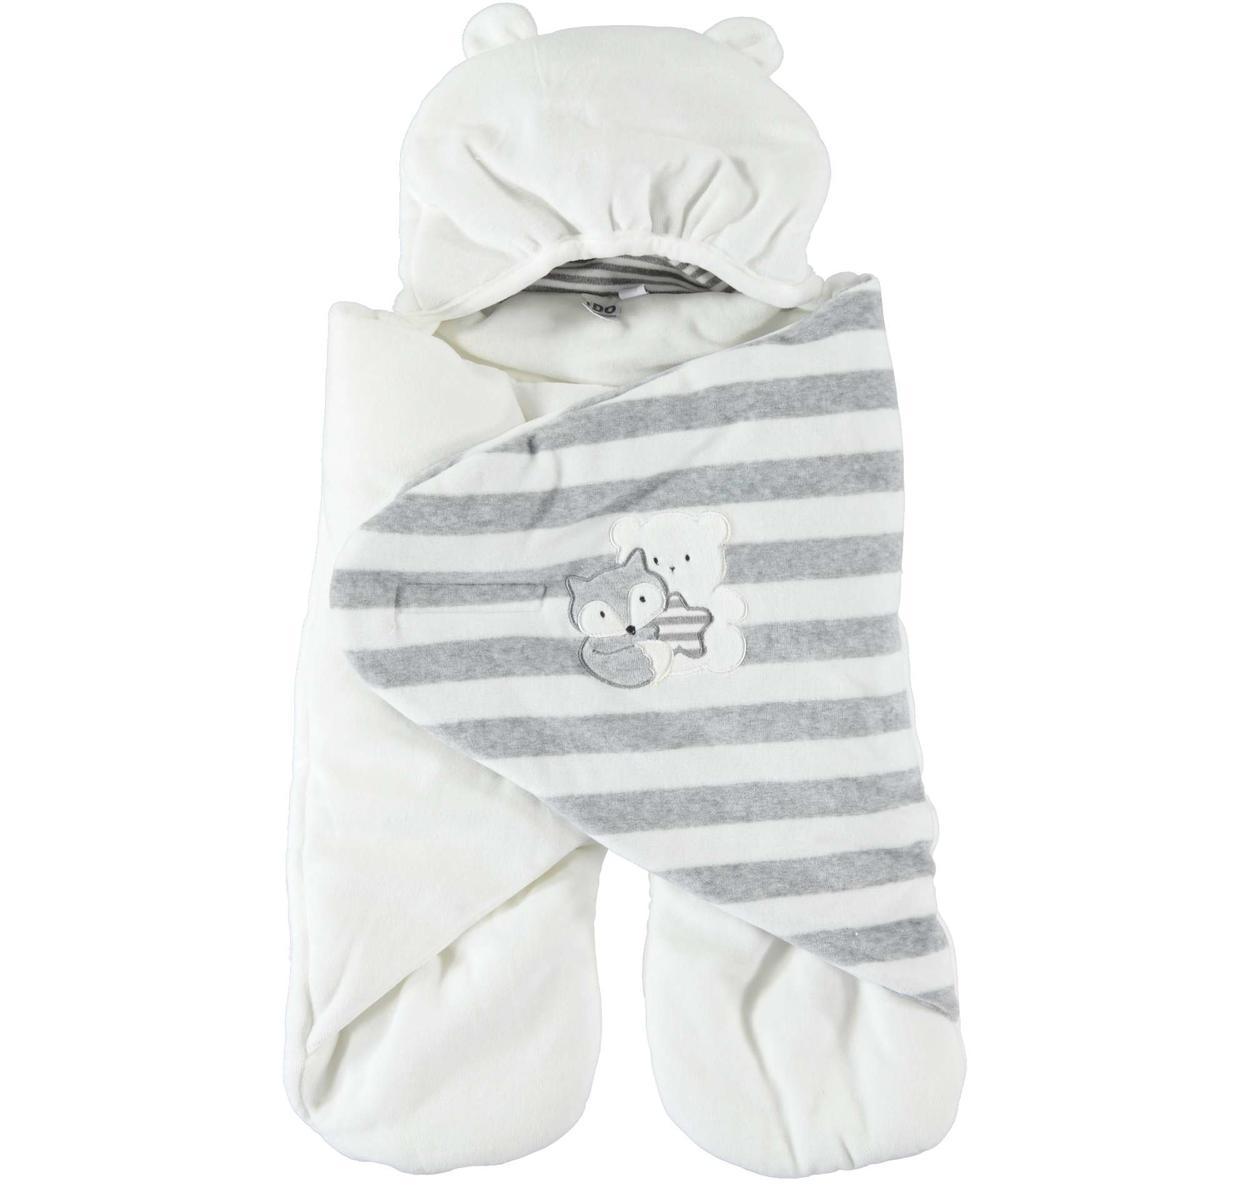 100% autenticato alta moda diversamente Caldo sacco unisex per ovetto per neonati da 0 a 18 mesi iDO